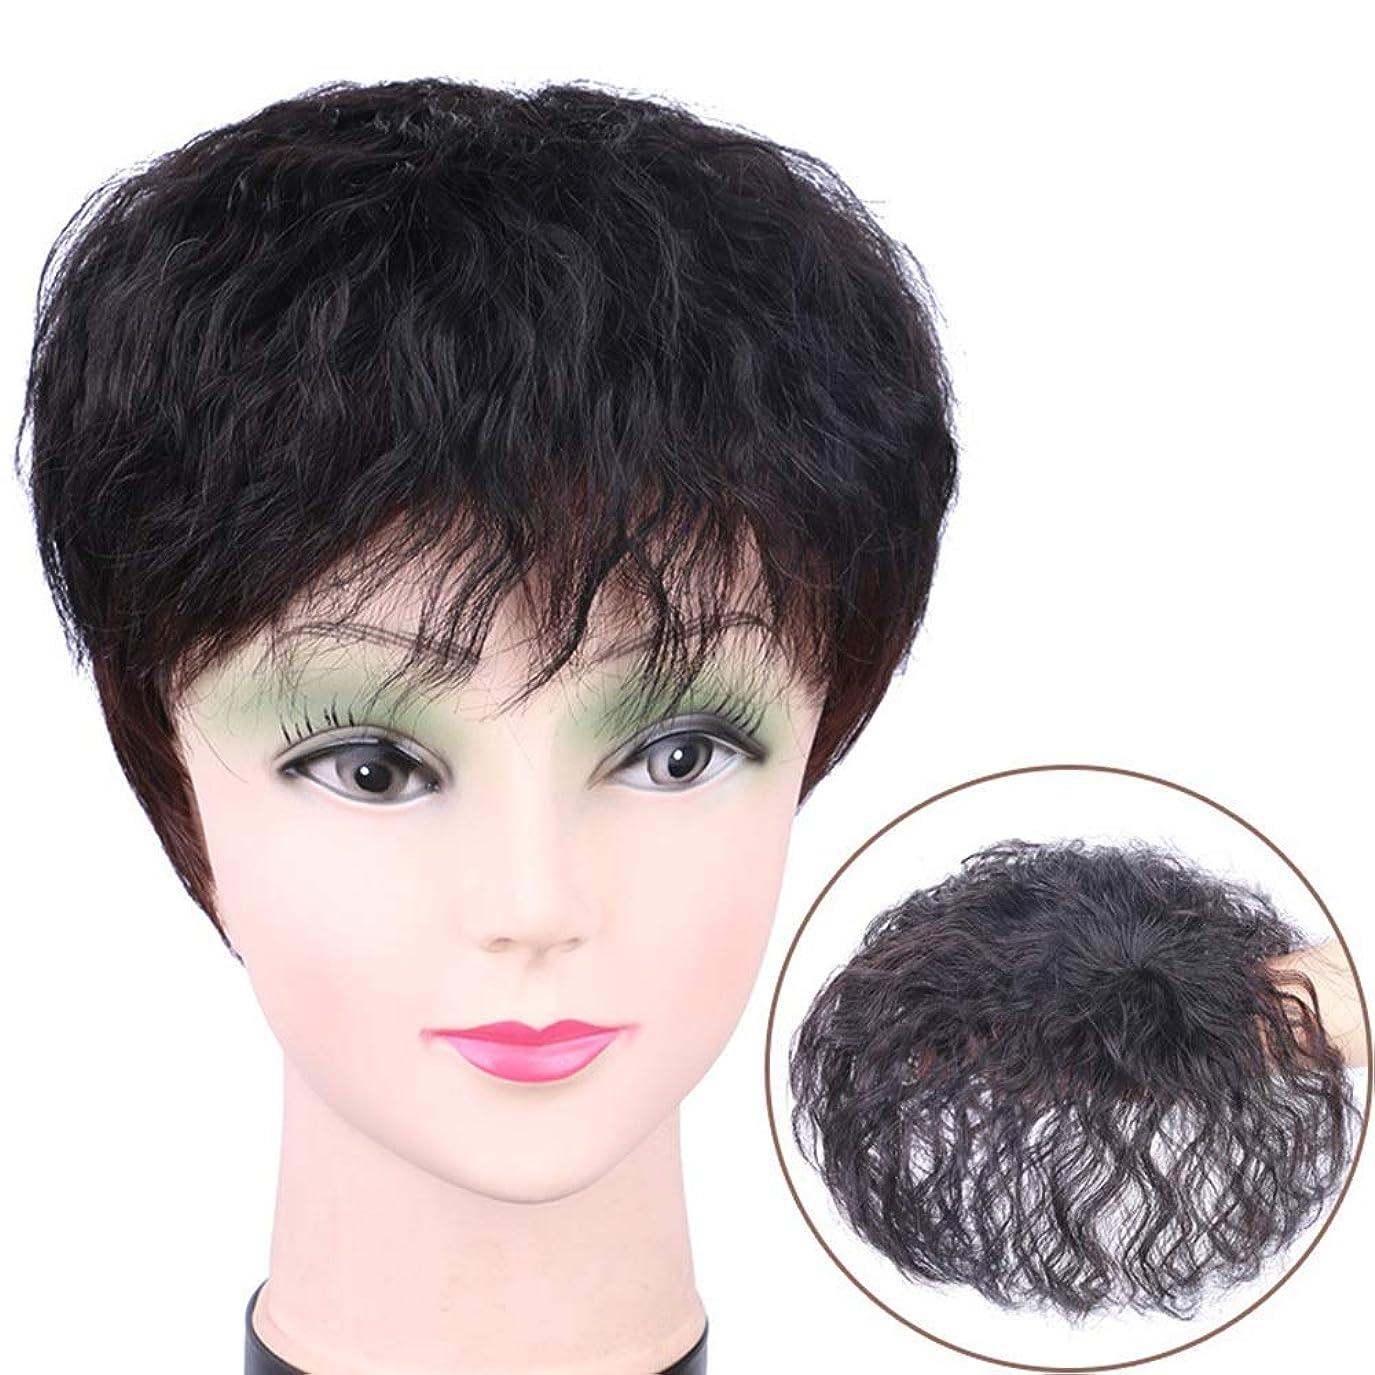 鰐フィラデルフィアミッションBOBIDYEE 白髪のかつらパーティーのかつらをカバーするための完全な人間の毛髪のトウモロコシパーマピースの女性の短い巻き毛のヘアクリップ (色 : Dark brown, サイズ : S)